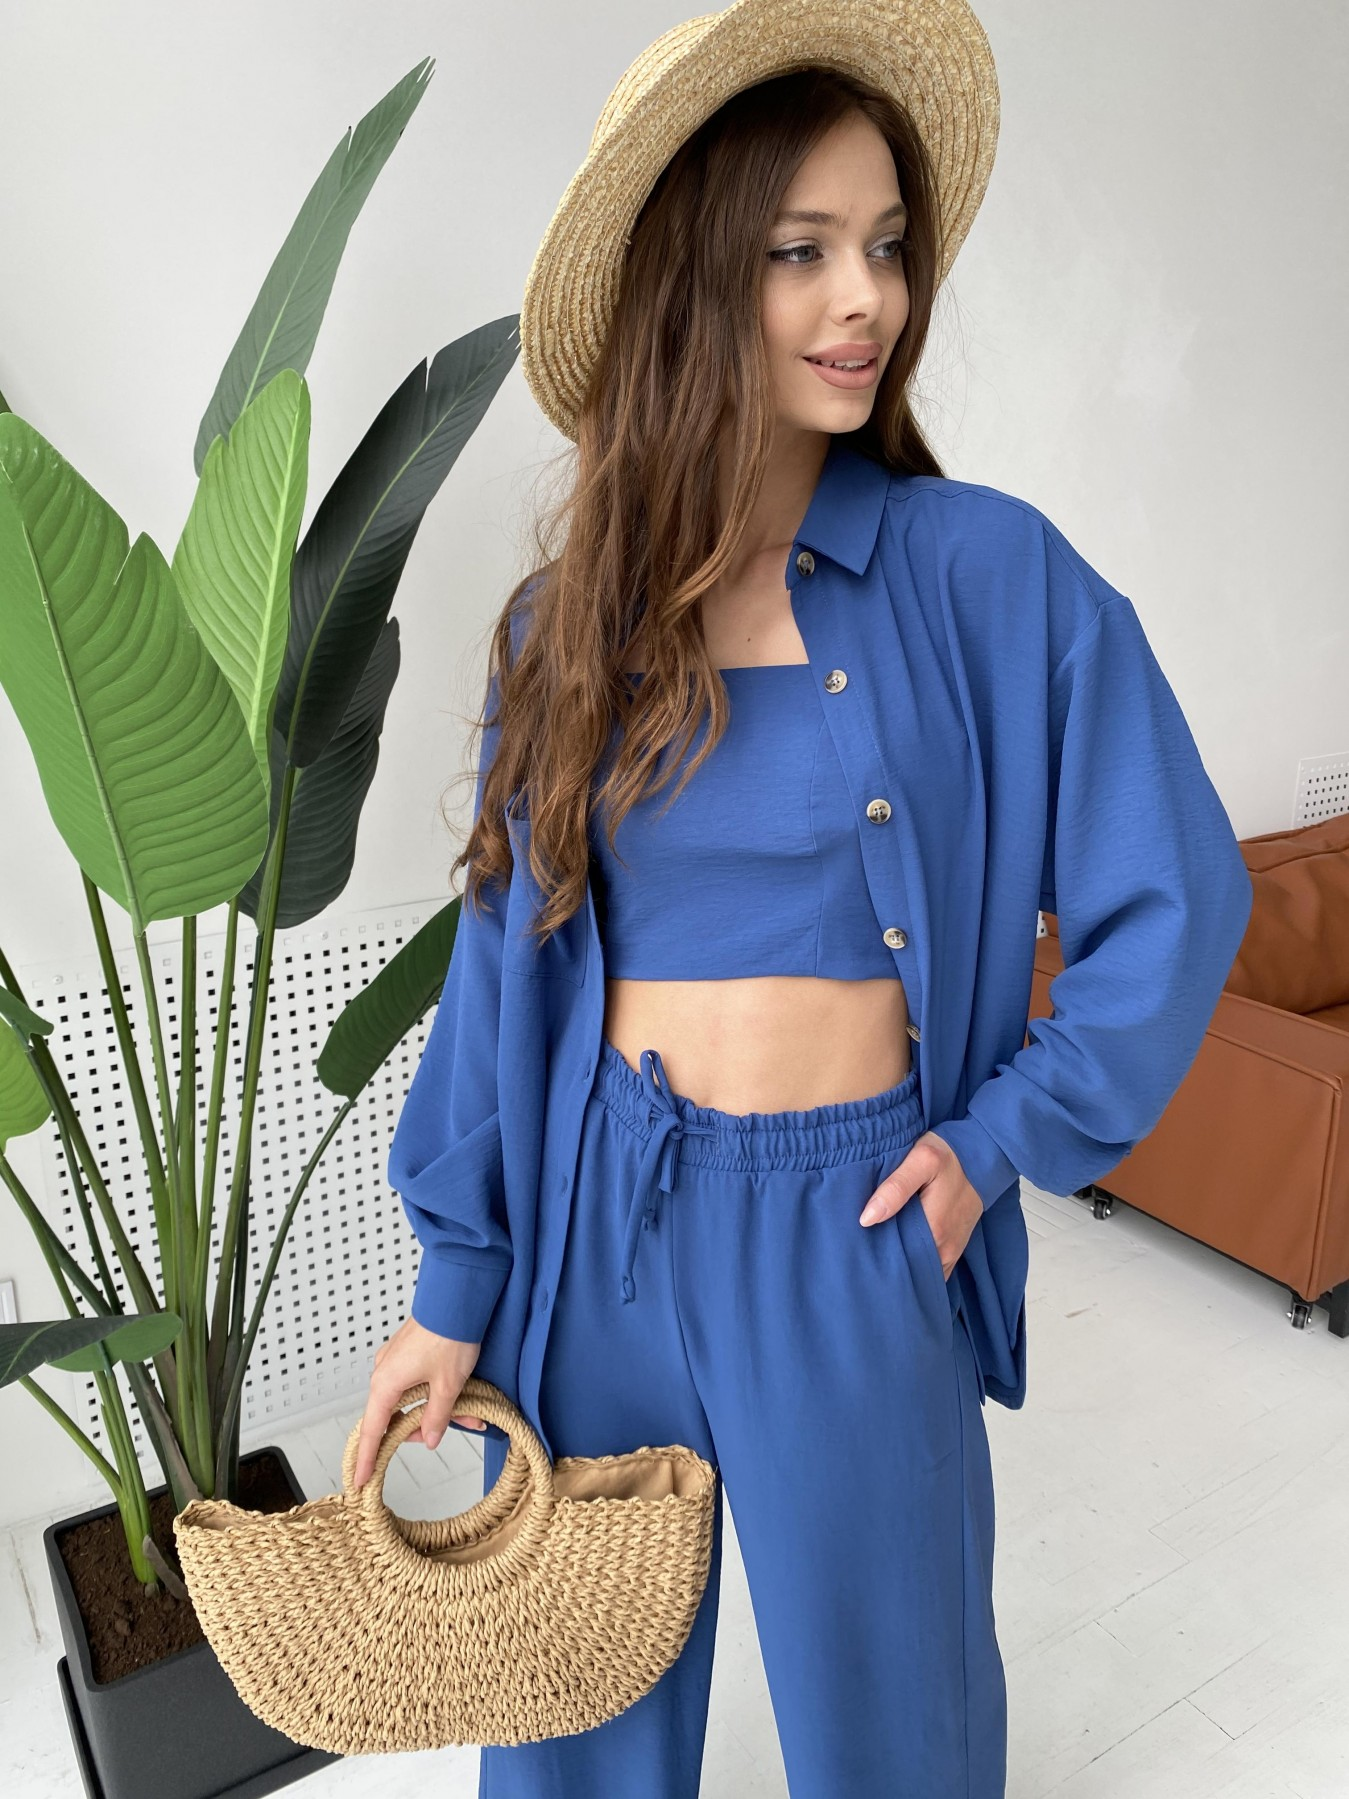 Квадро костюм американский из ткани креп (4 ед) 11303 АРТ. 47955 Цвет: Синий - фото 3, интернет магазин tm-modus.ru